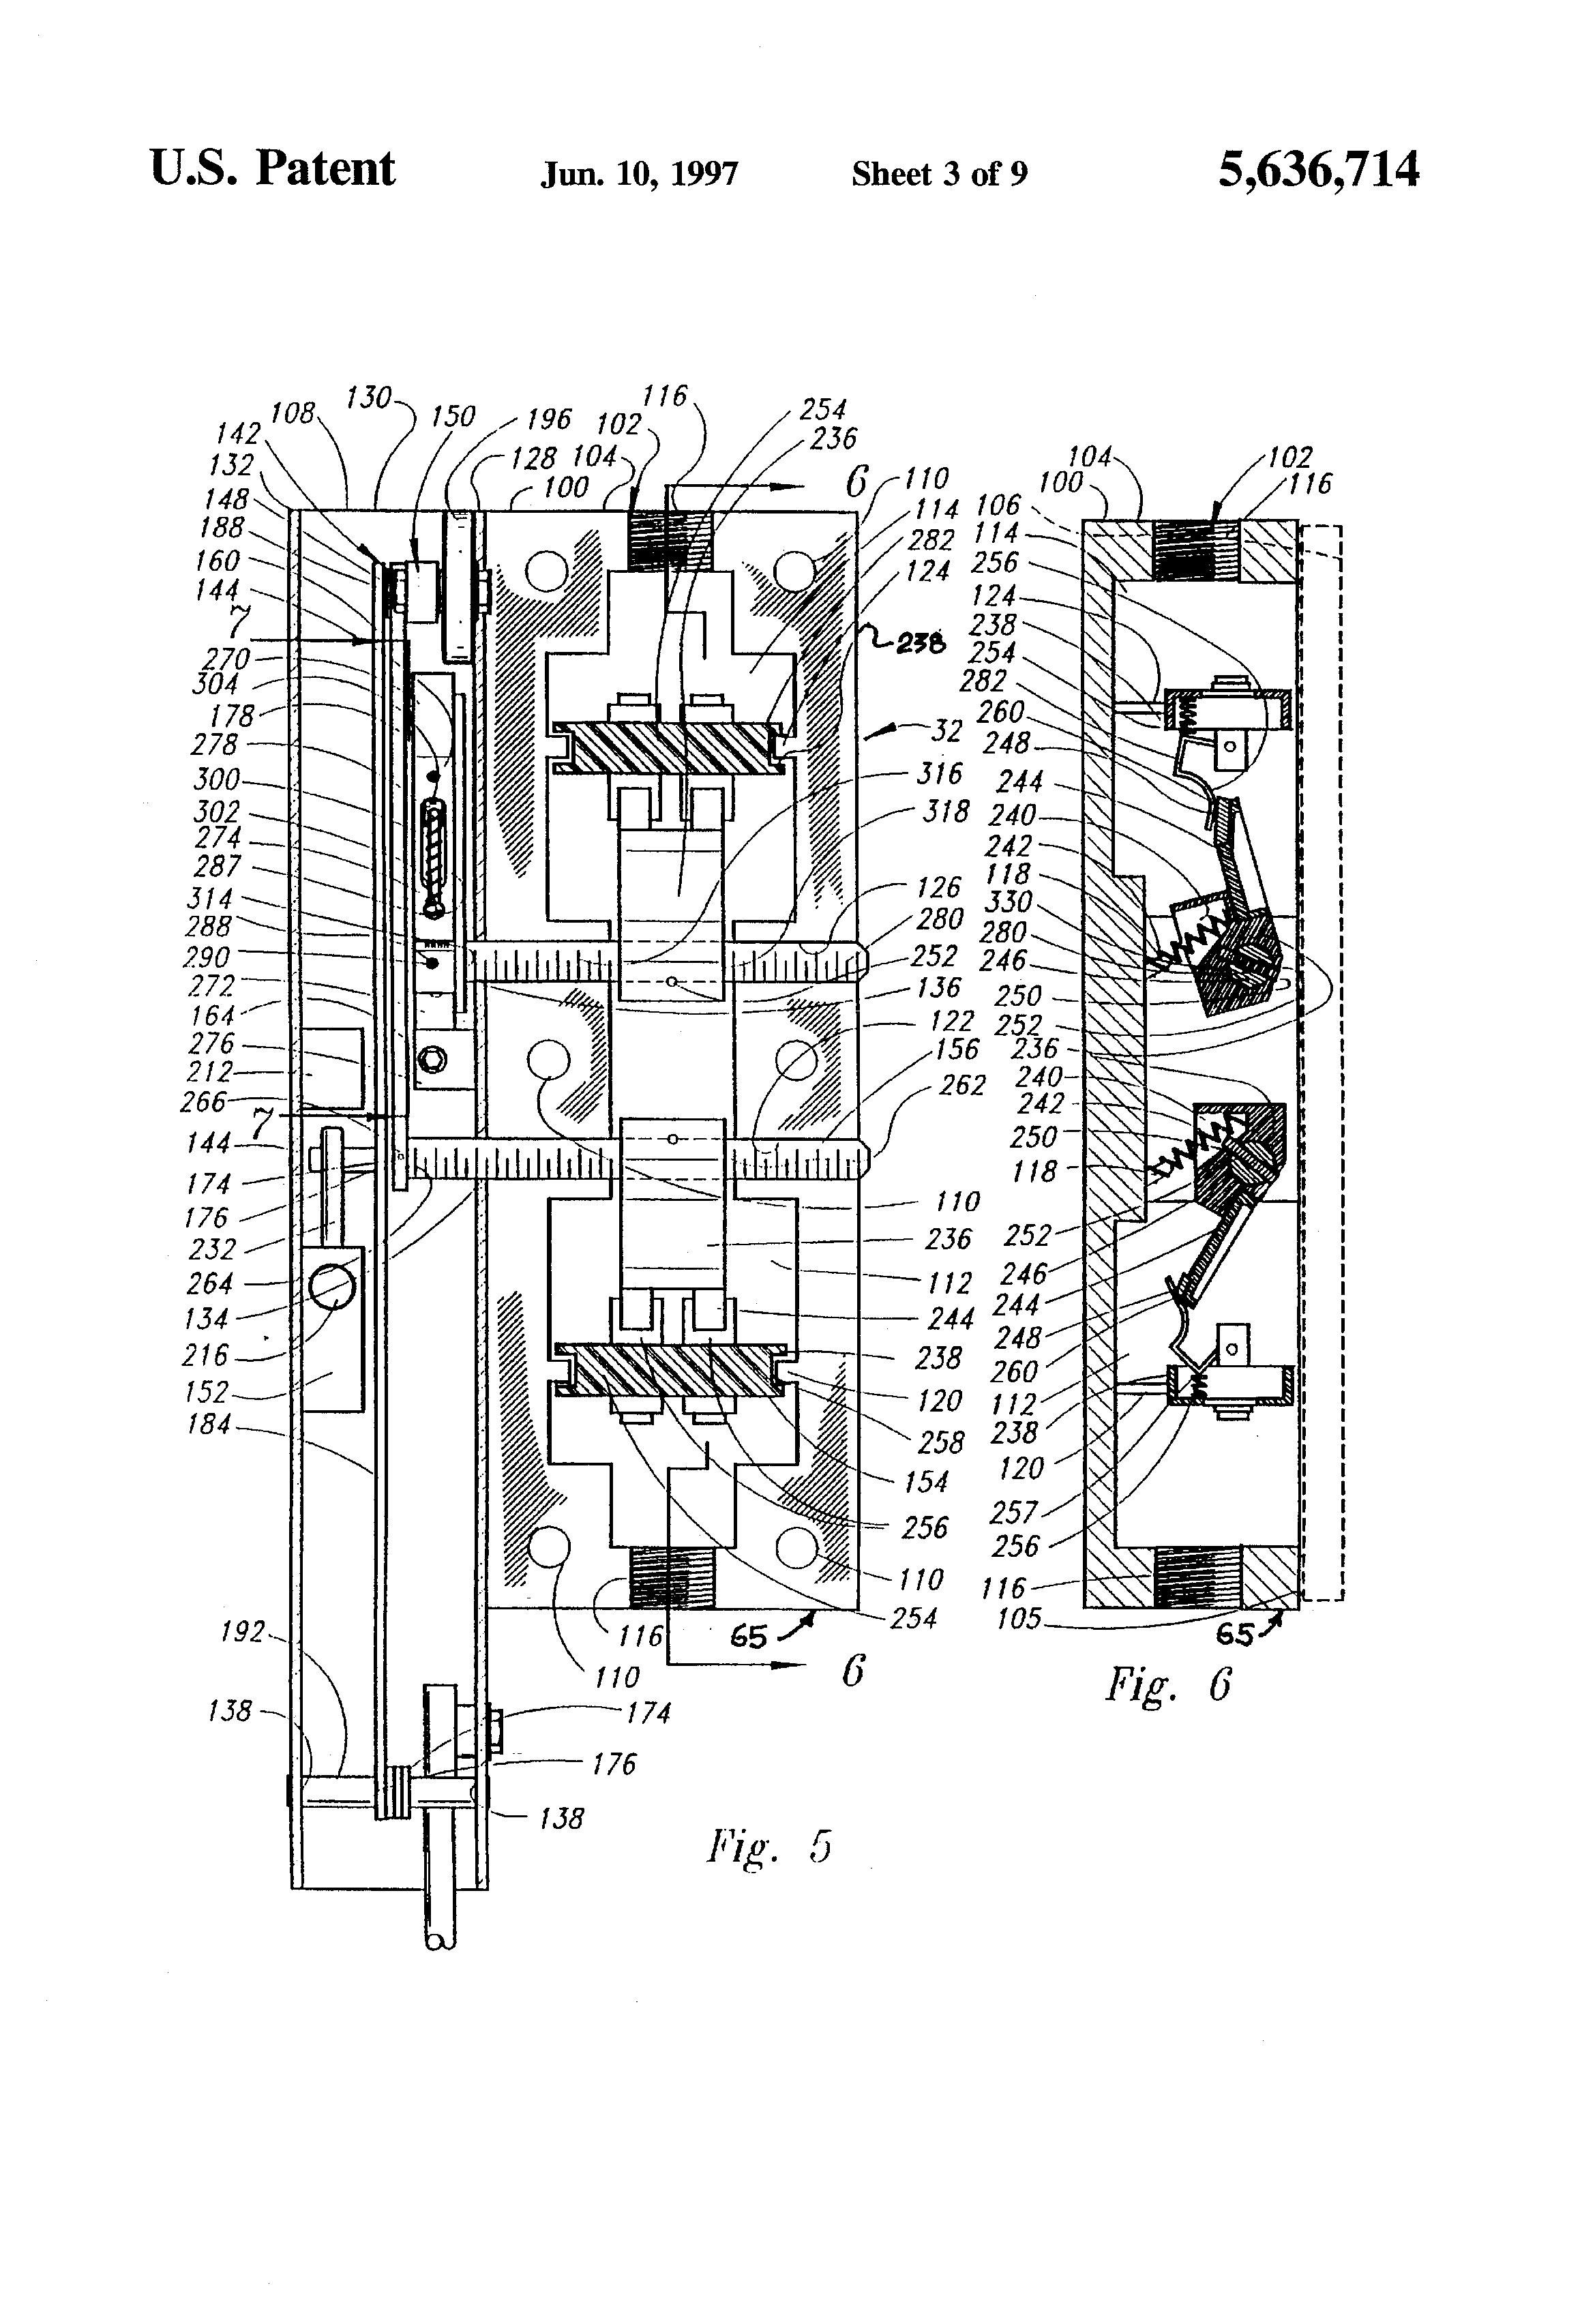 Heat Pump Parts Diagram patent us5636714 - bi-parting elevator door actuator apparatus